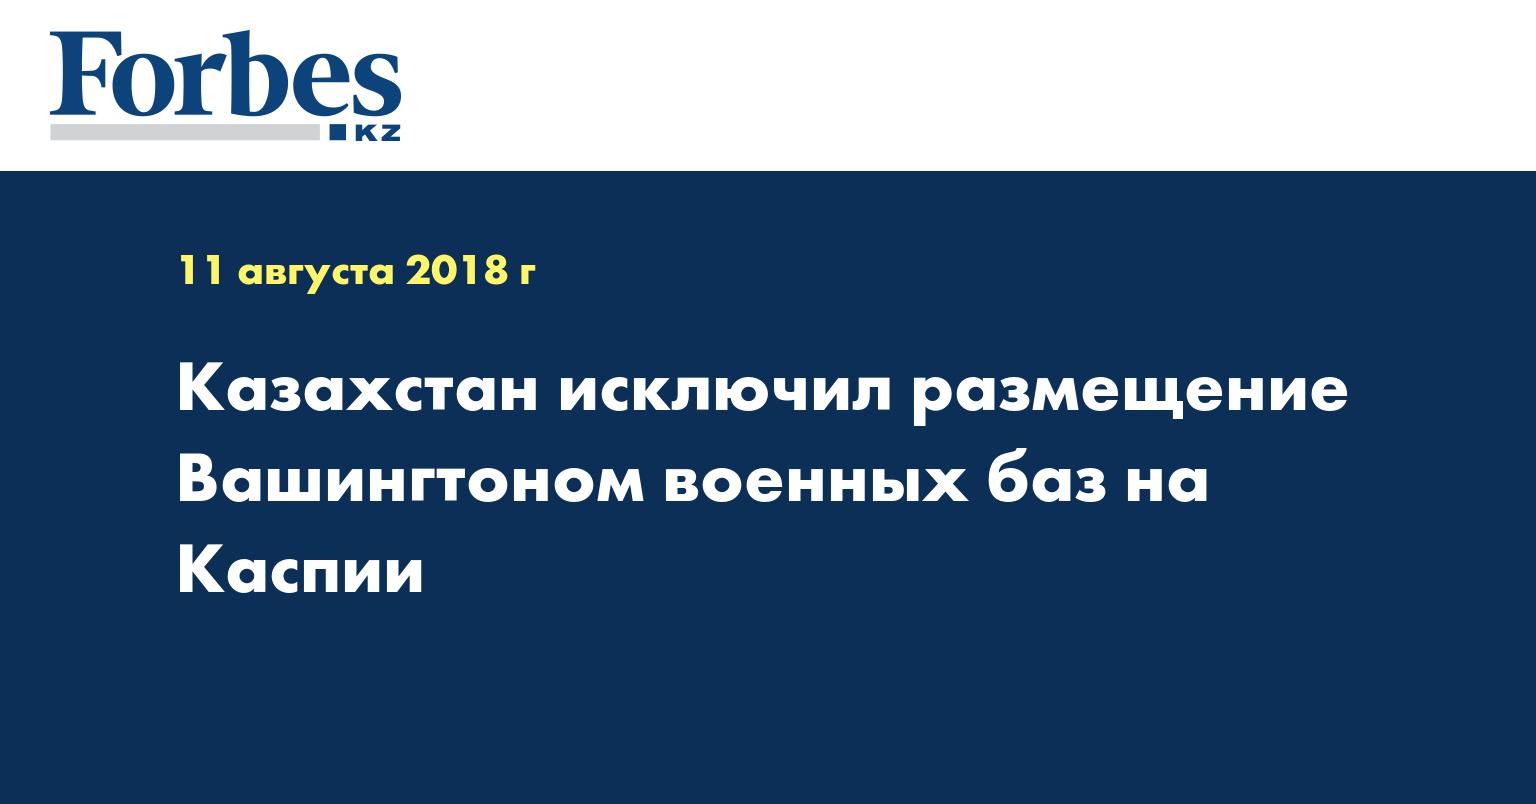 Казахстан исключил размещение Вашингтоном военных баз на Каспии